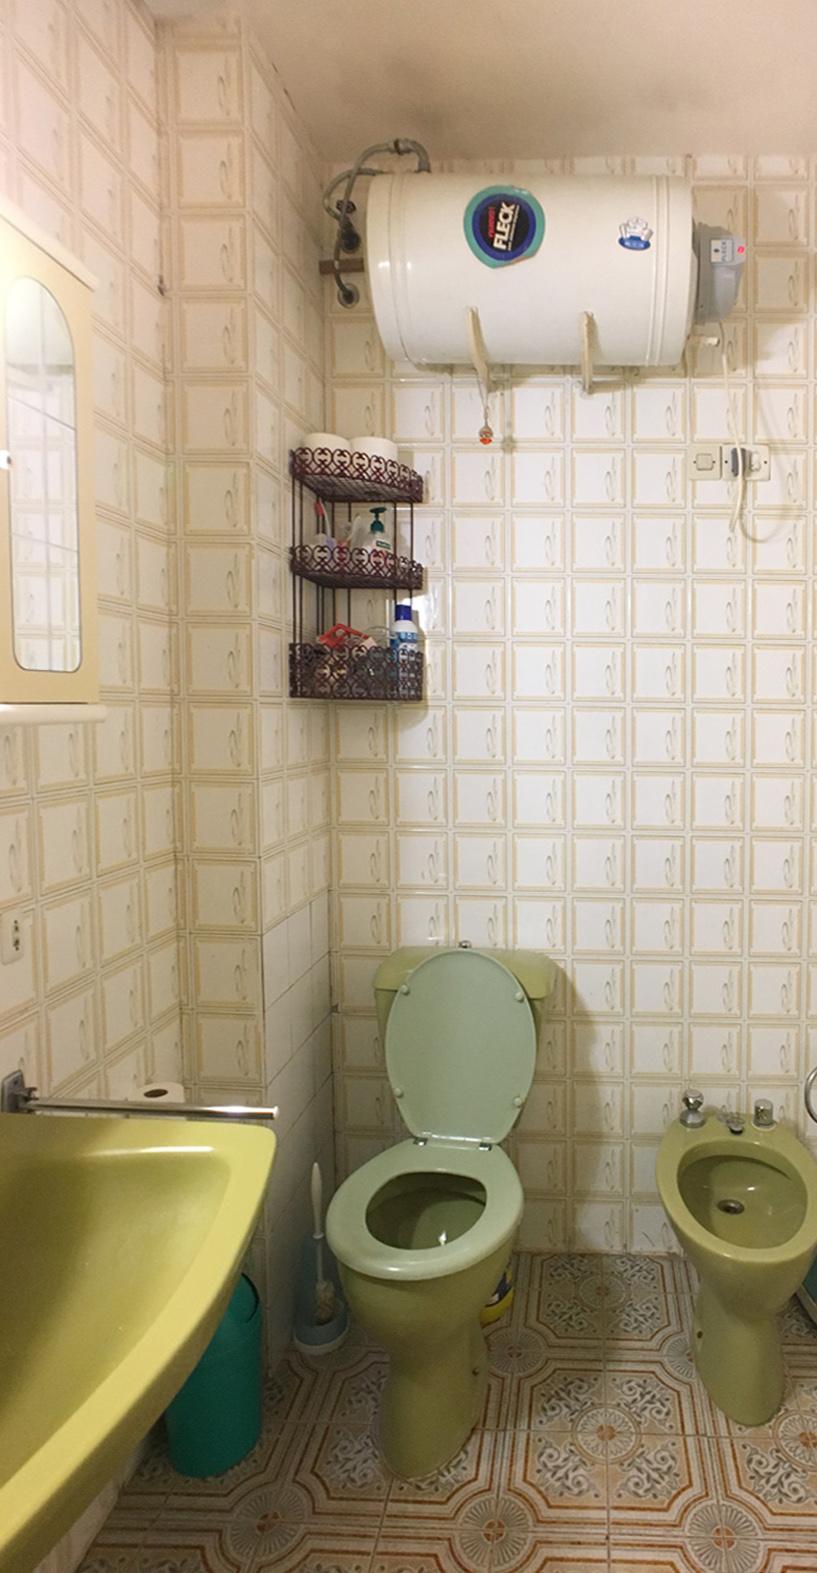 toilette et wc avant les travaux de décoration